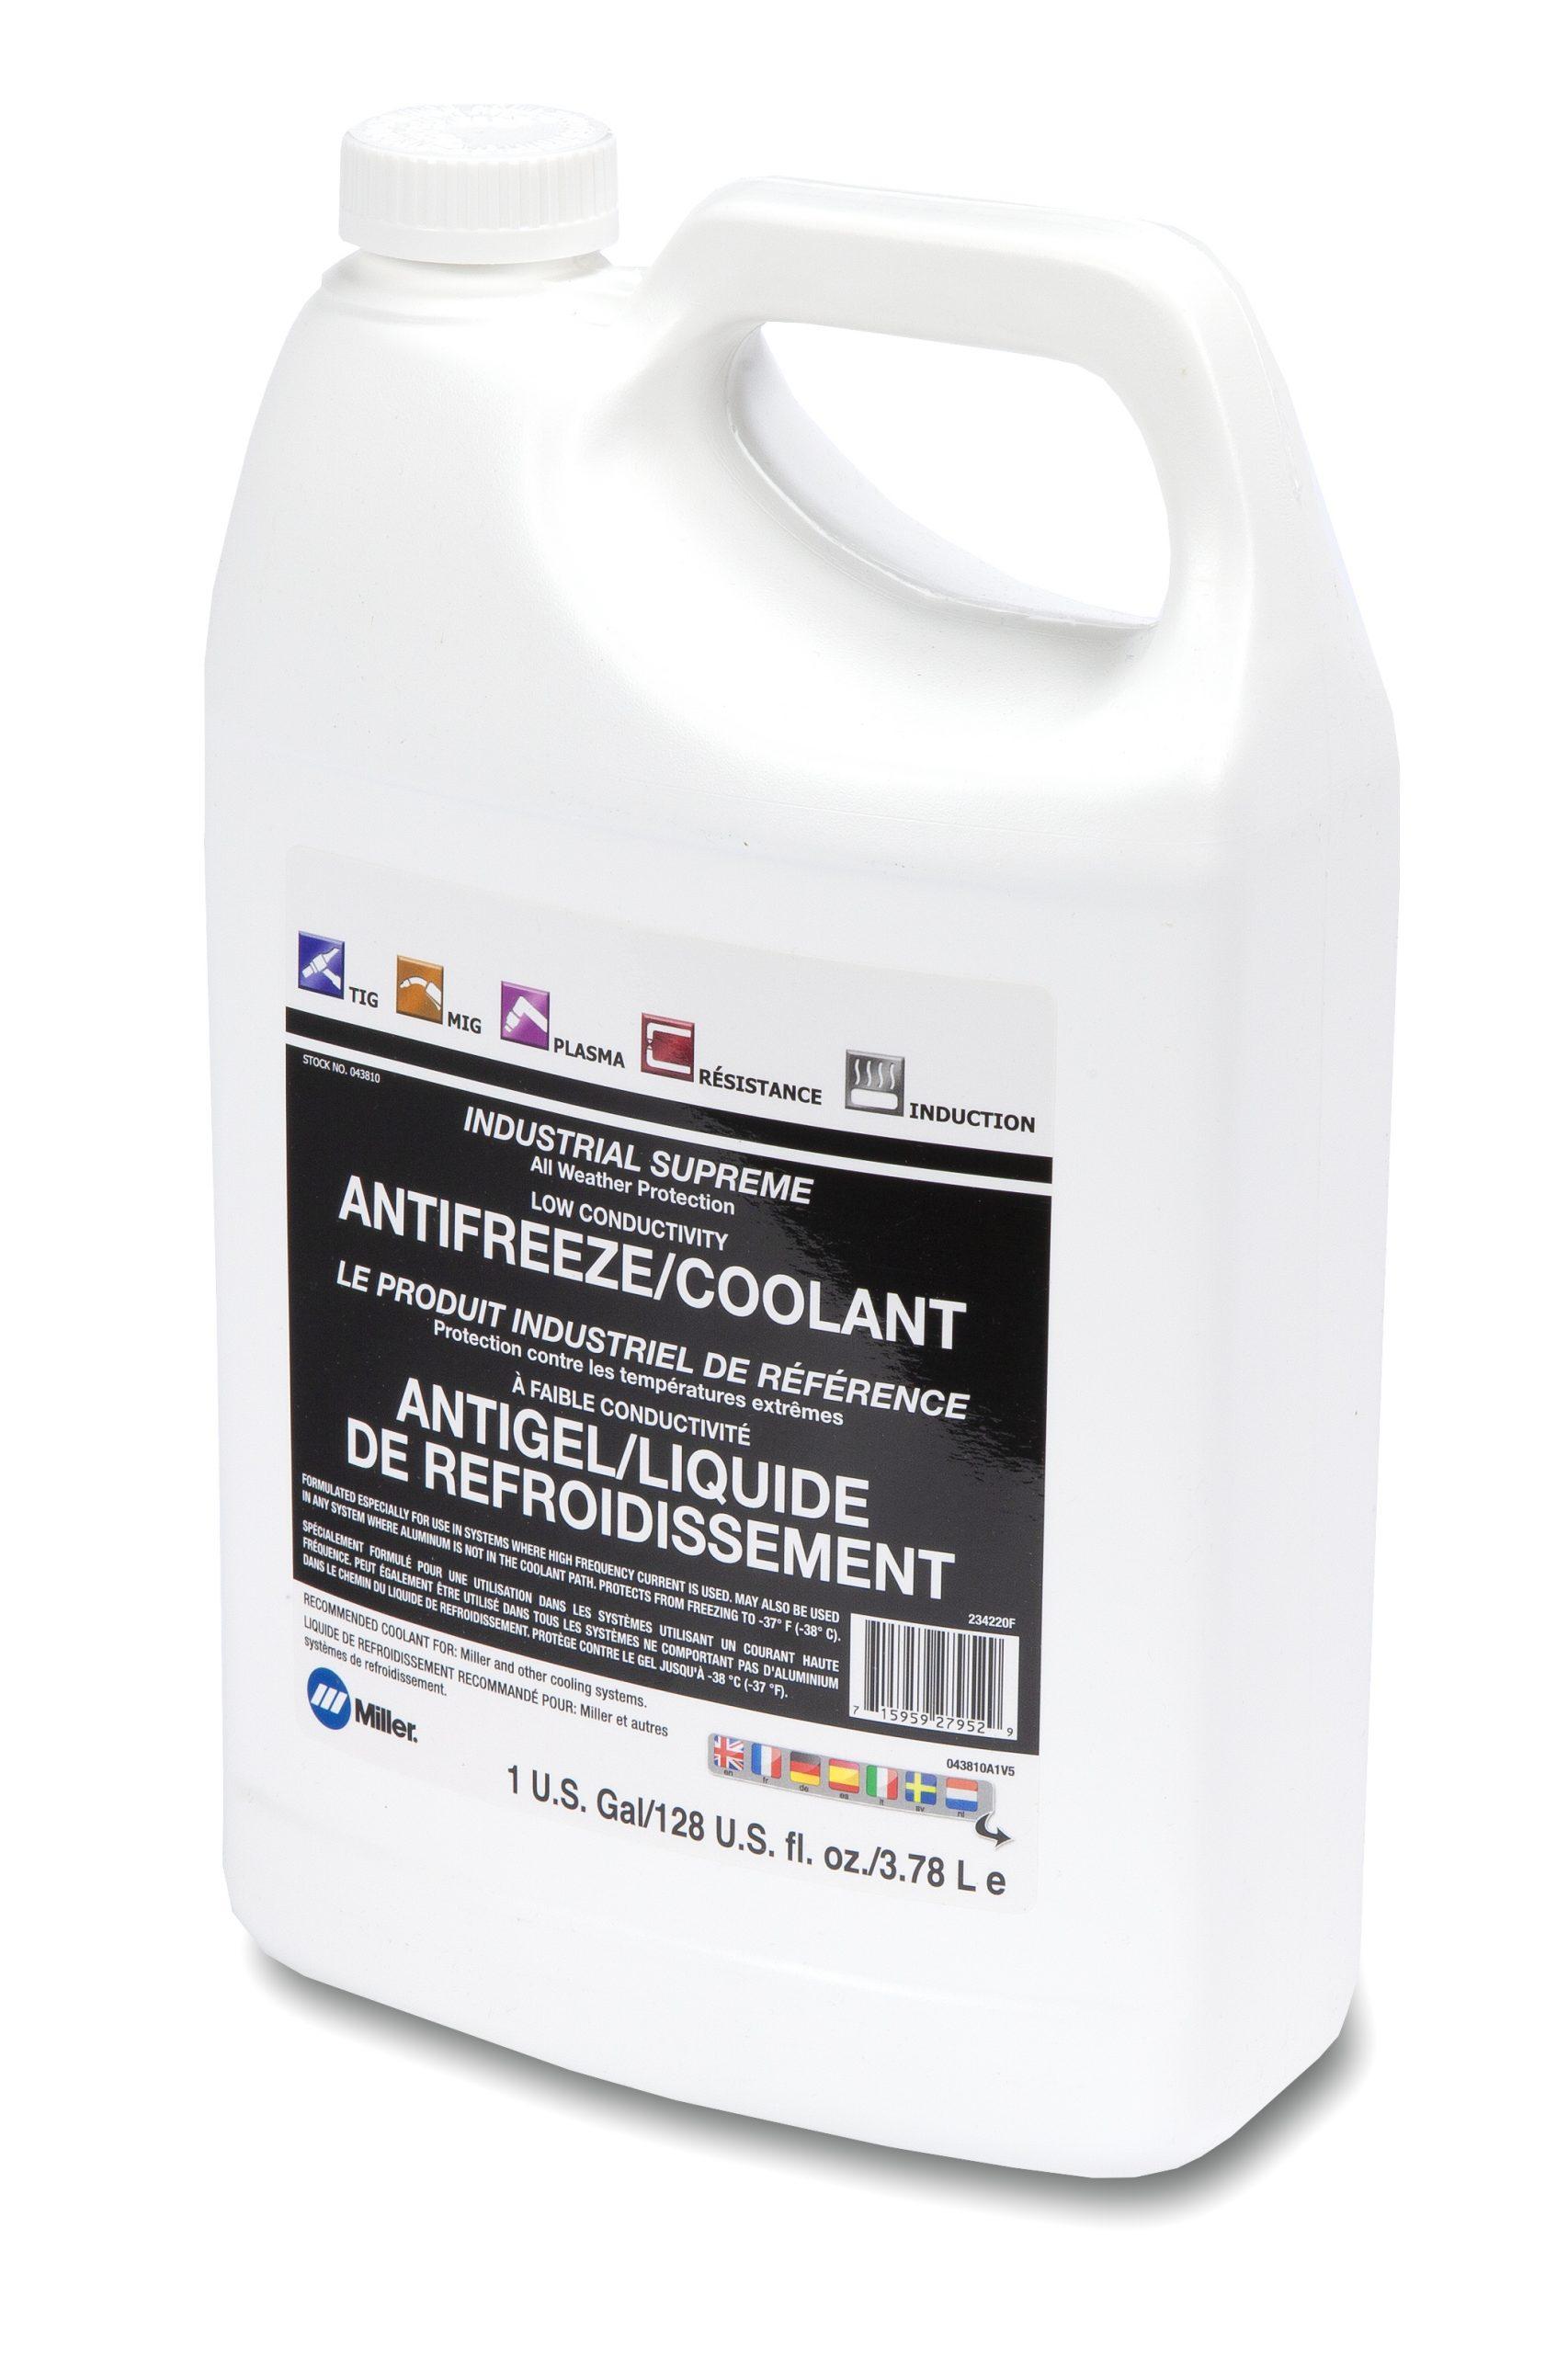 Low-Conductivity Antifreeze/Coolant